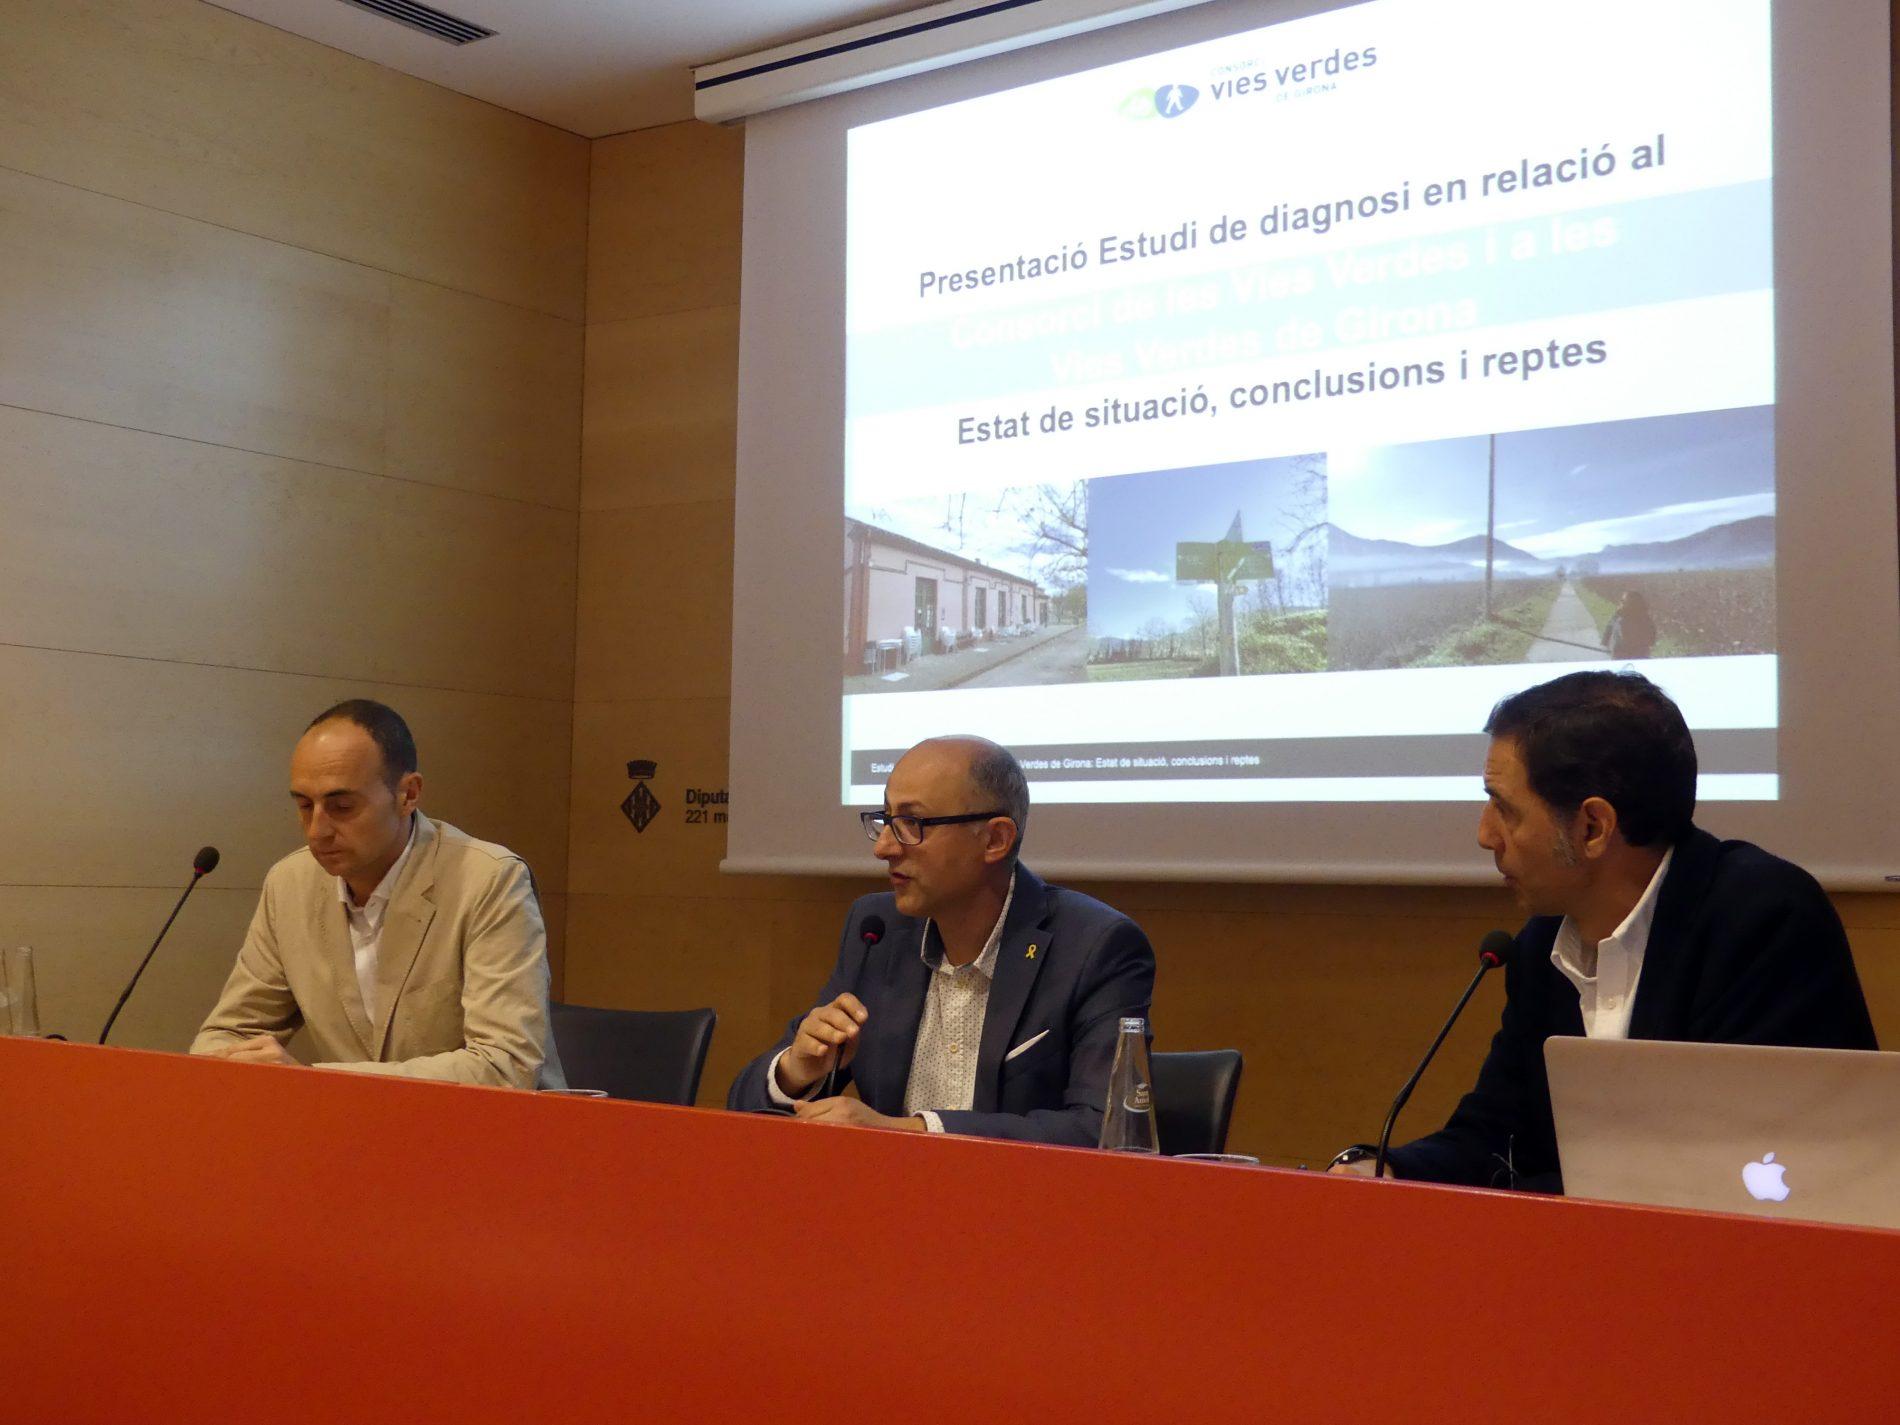 Imatge de la presentació de l'estudi on apareix el president del Consorci, i els dos consultors del projecte